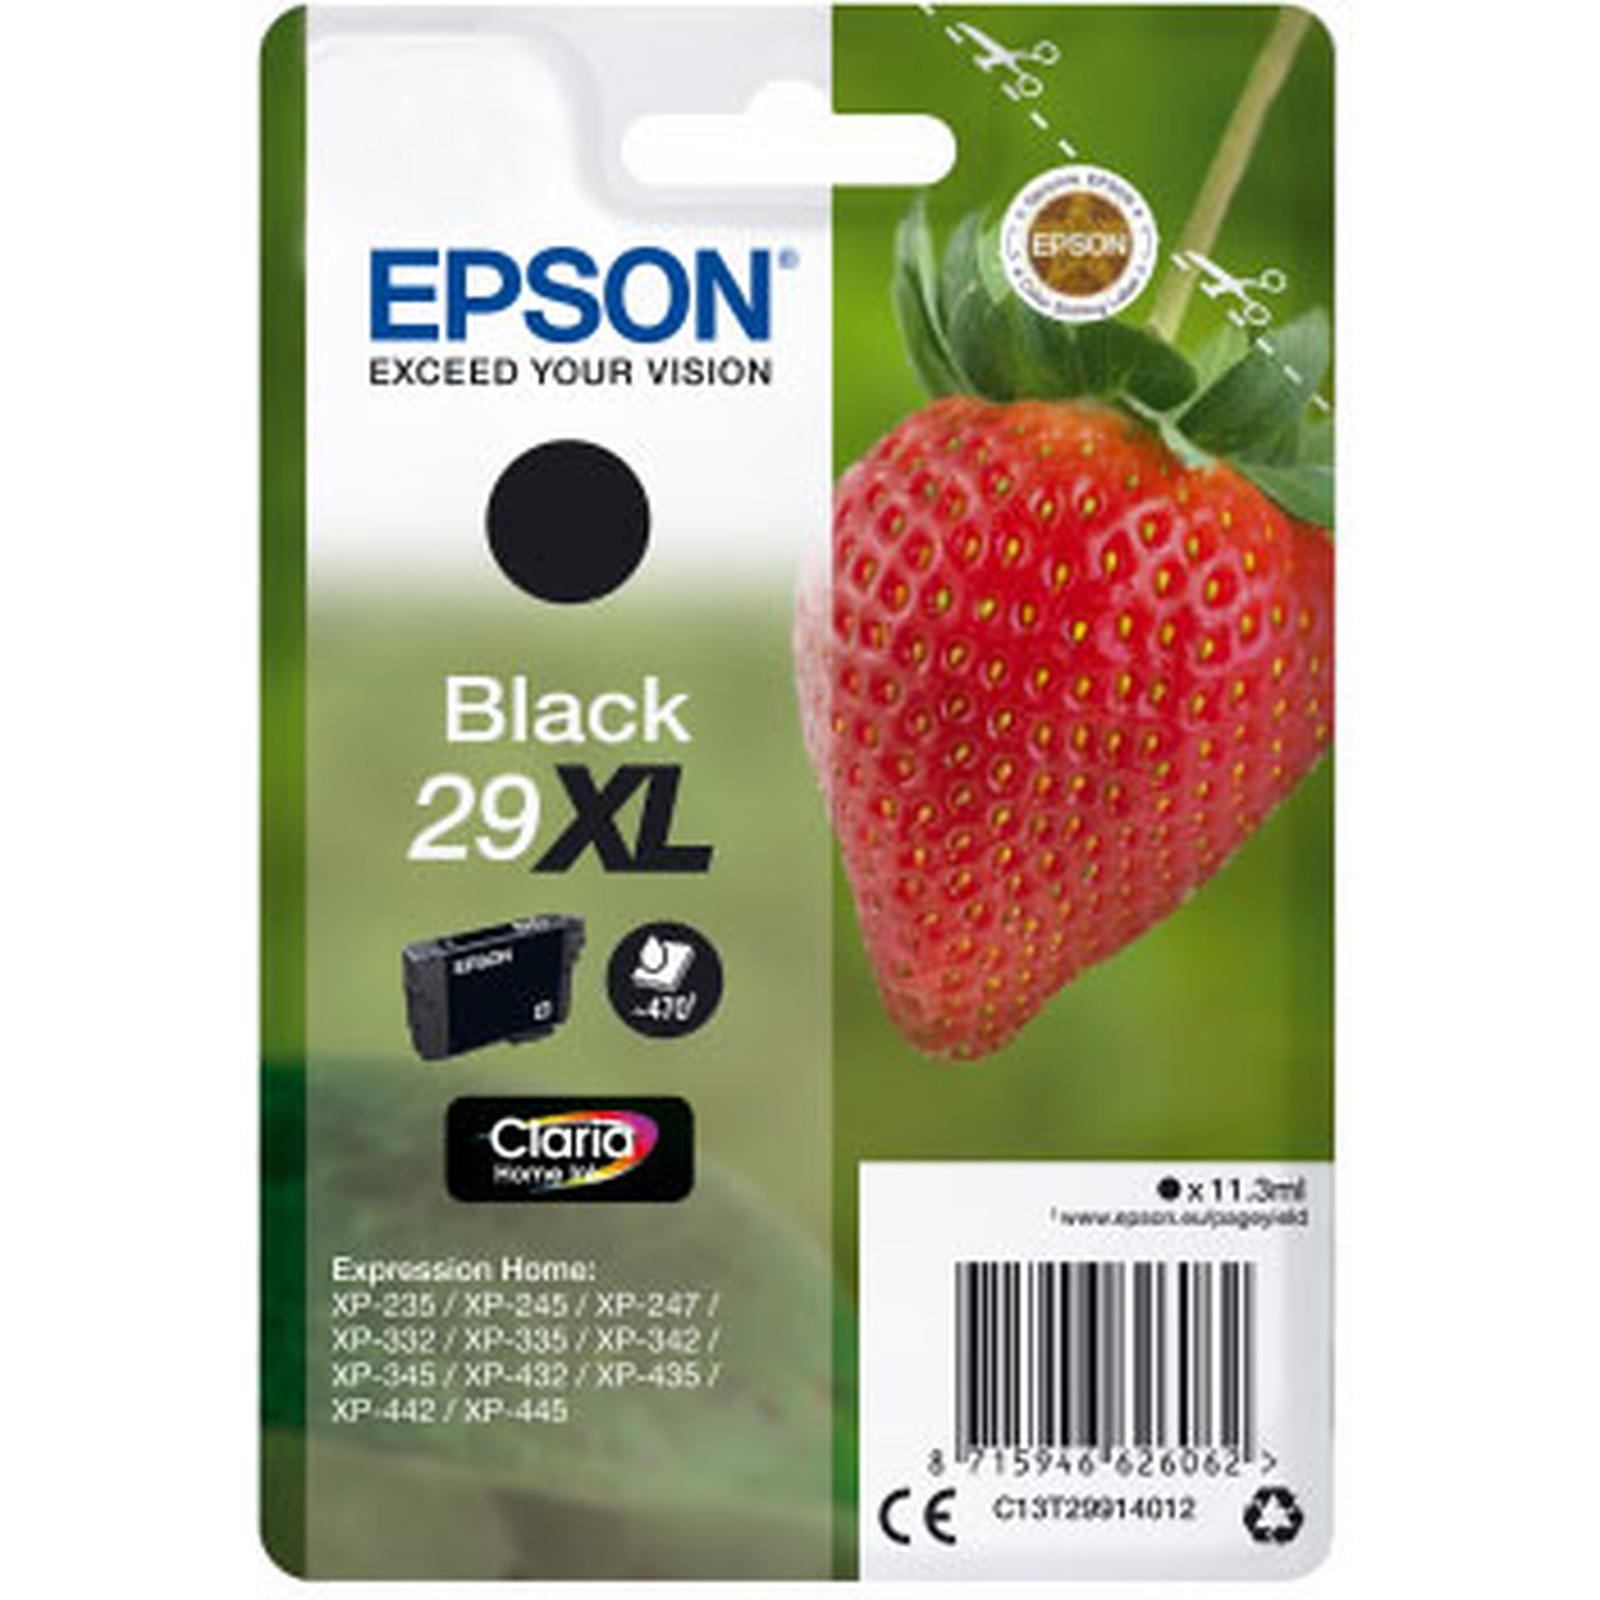 Epson Fraise 29XL Noir